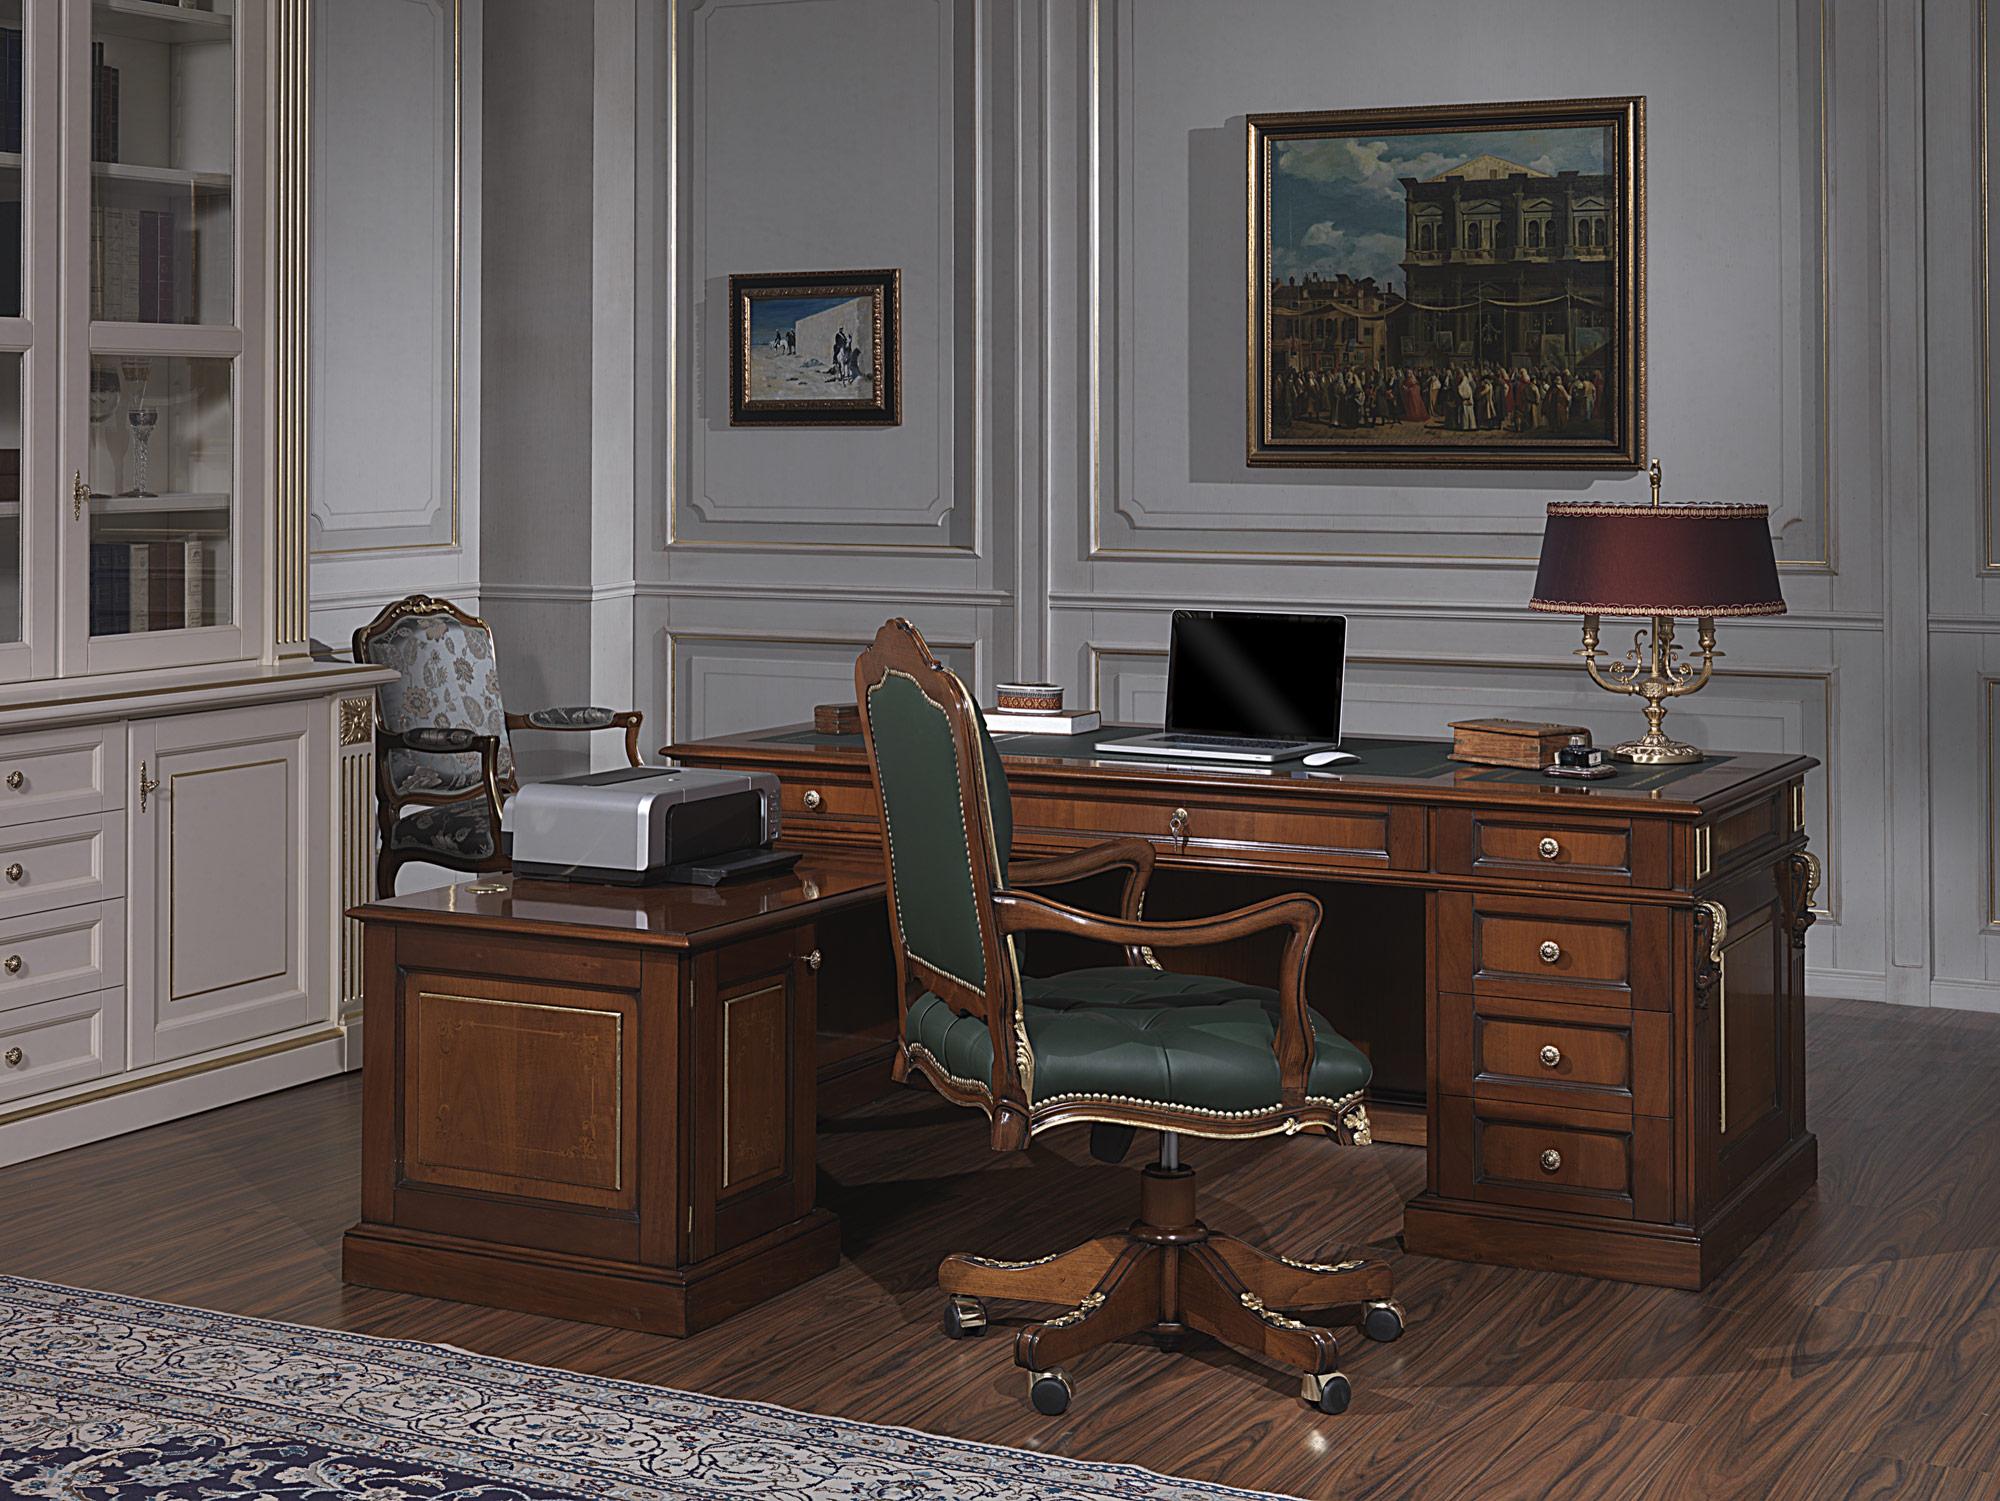 Mobili per ufficio di lusso classico: l'eleganza del rigore